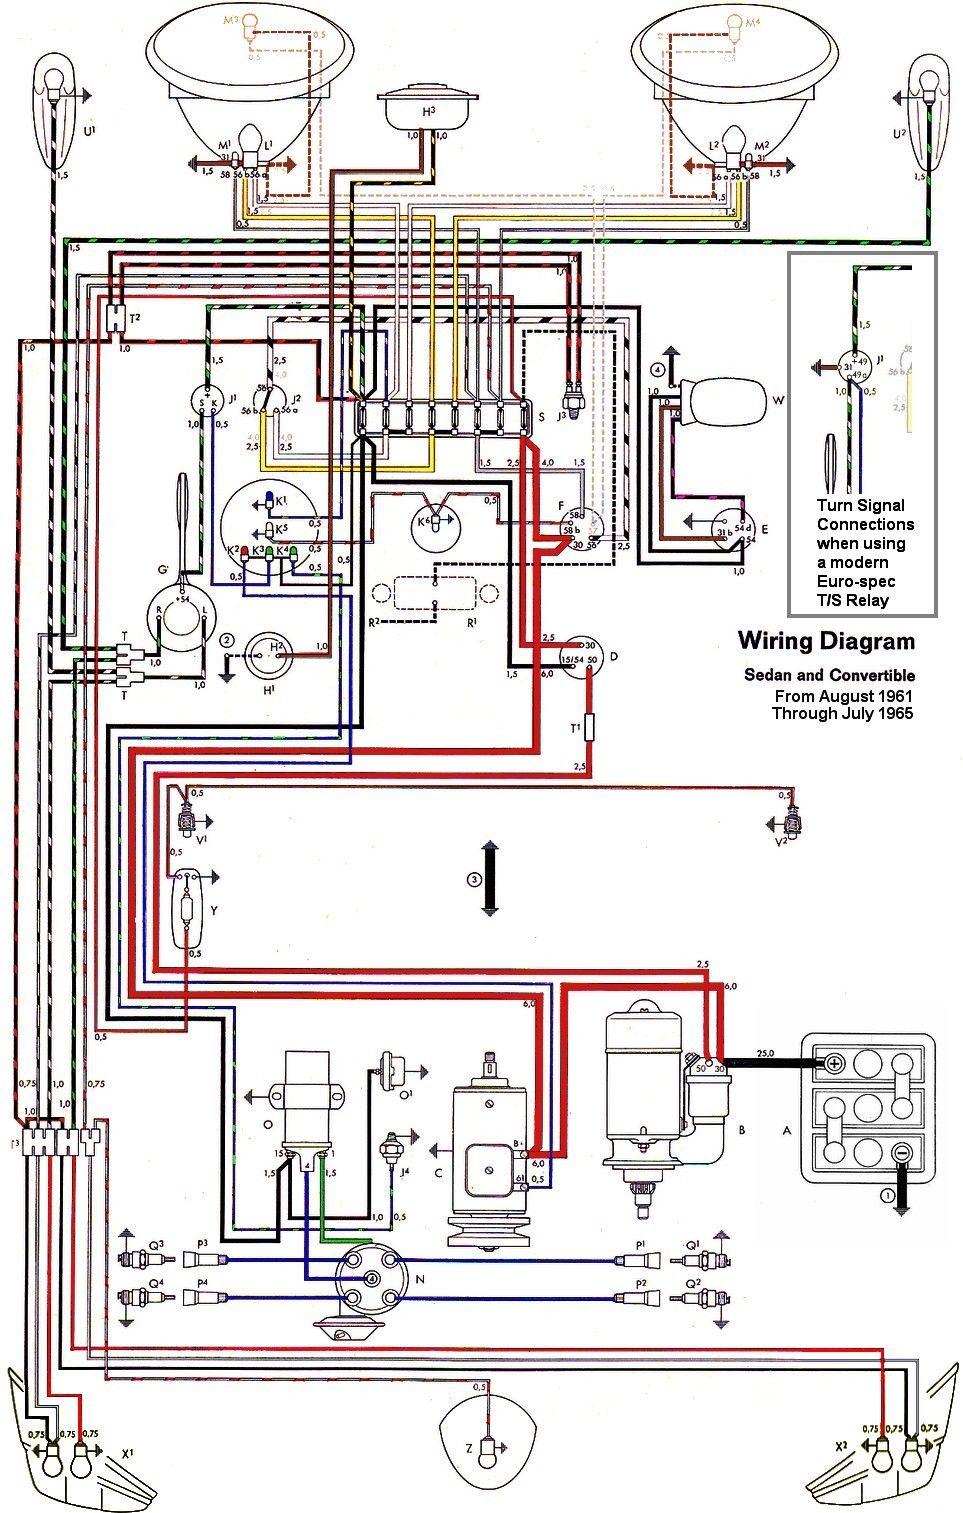 Wiring diagram VW beetle sedan and convertible 19611965 | VW | Vw beetles, Volkswagen